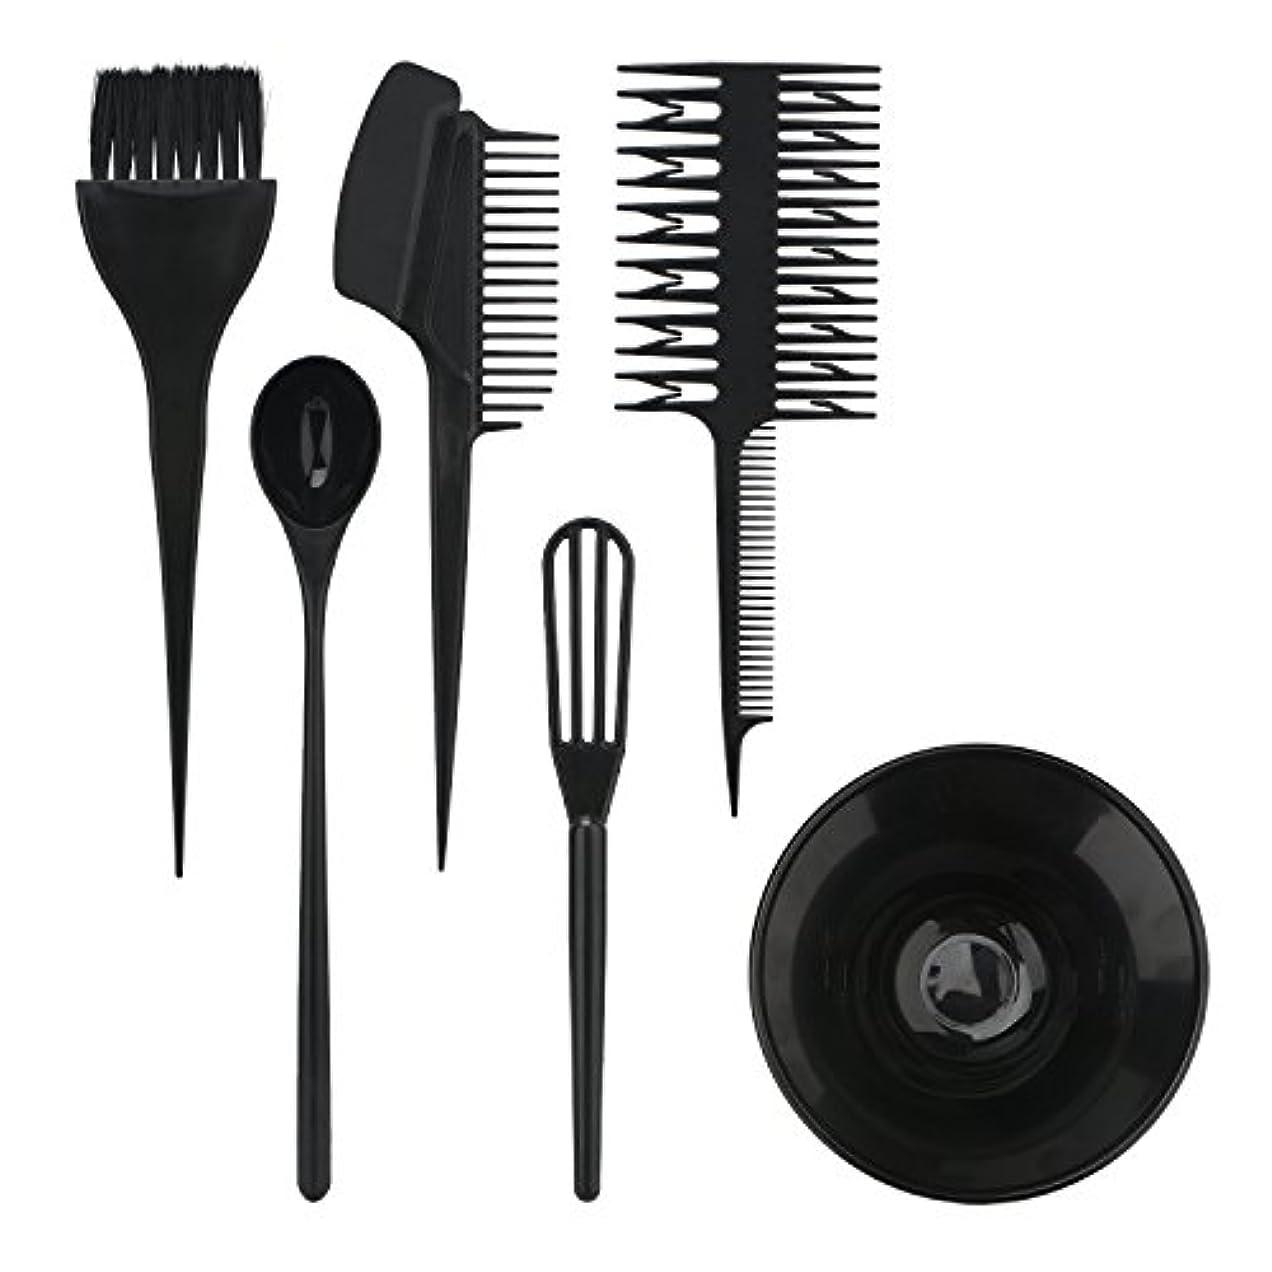 感覚成長する干ばつSegbeauty ヘアカラー用のセット ブラシとボウルの組み合わせ 6pcs DIY髪染め用 サロン 美髪師用 ヘアカラーの用具